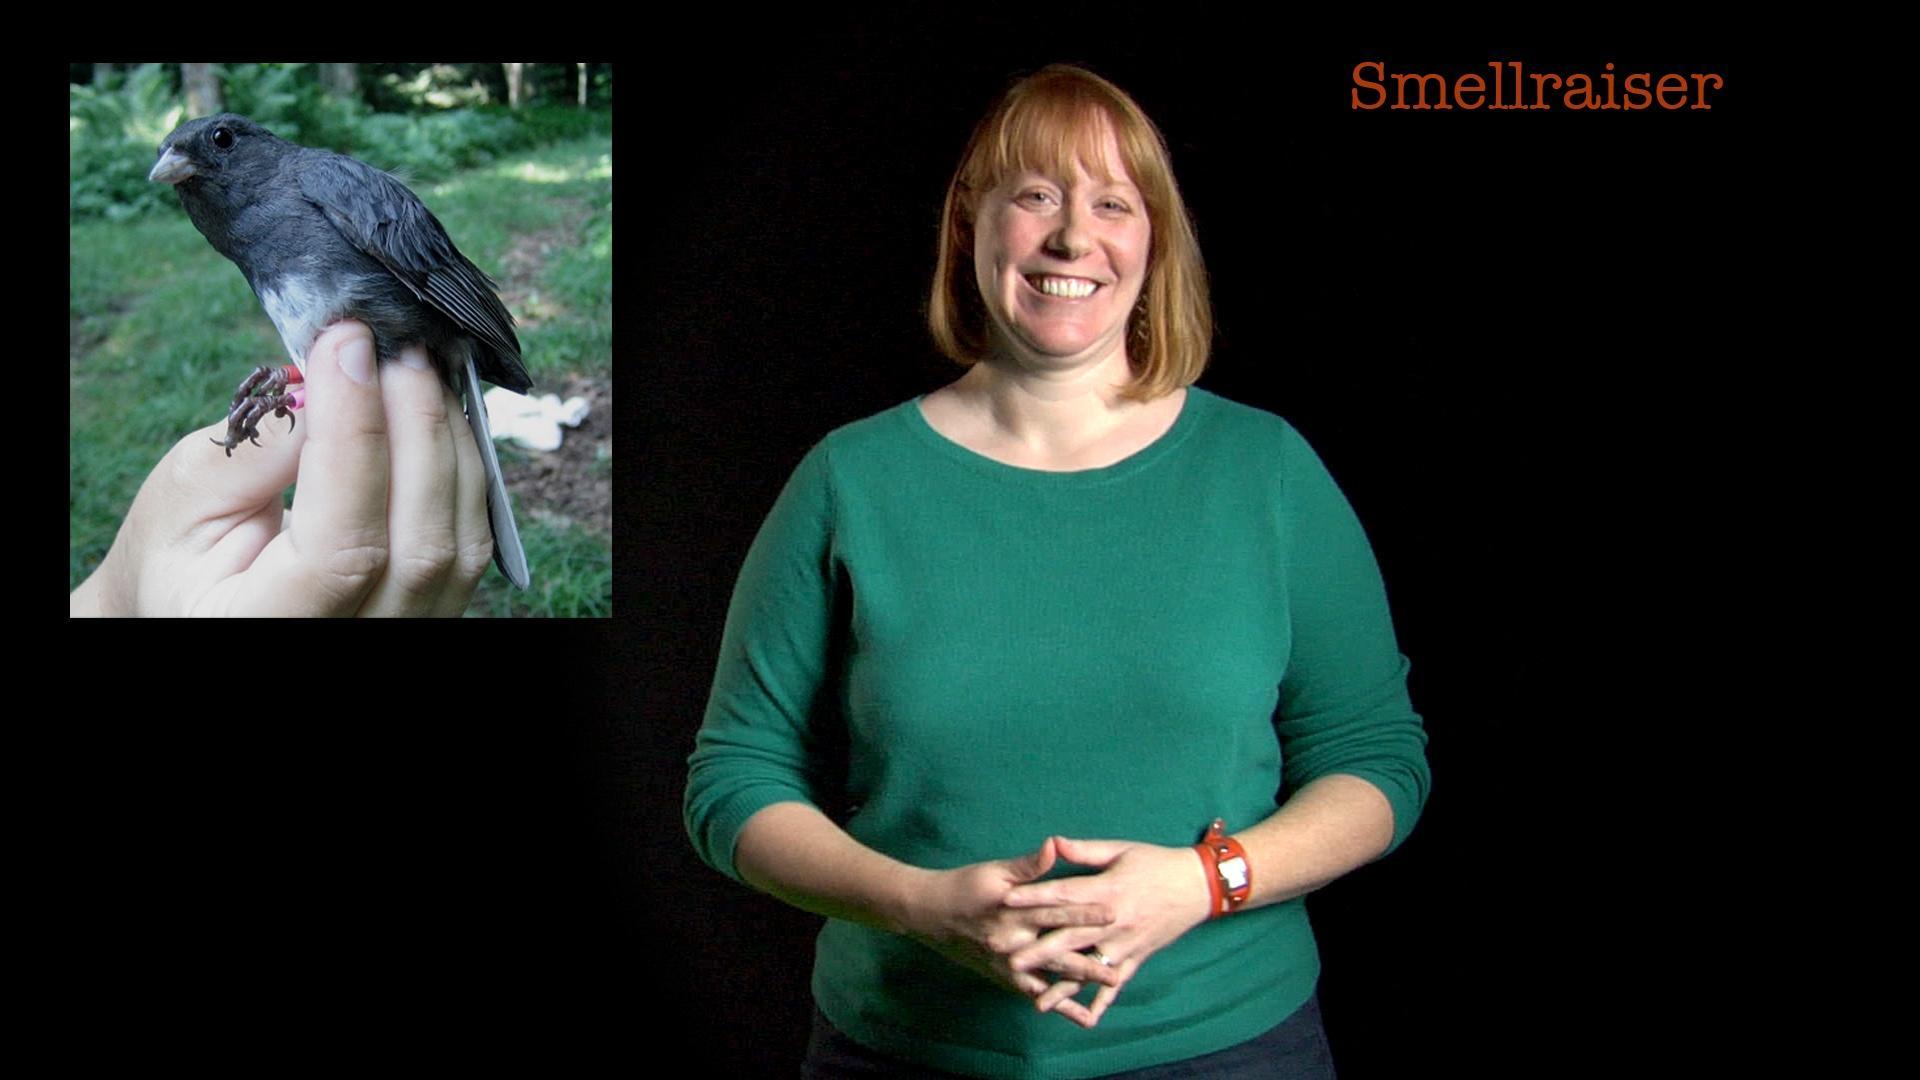 Danielle Whittaker: Smellraiser image